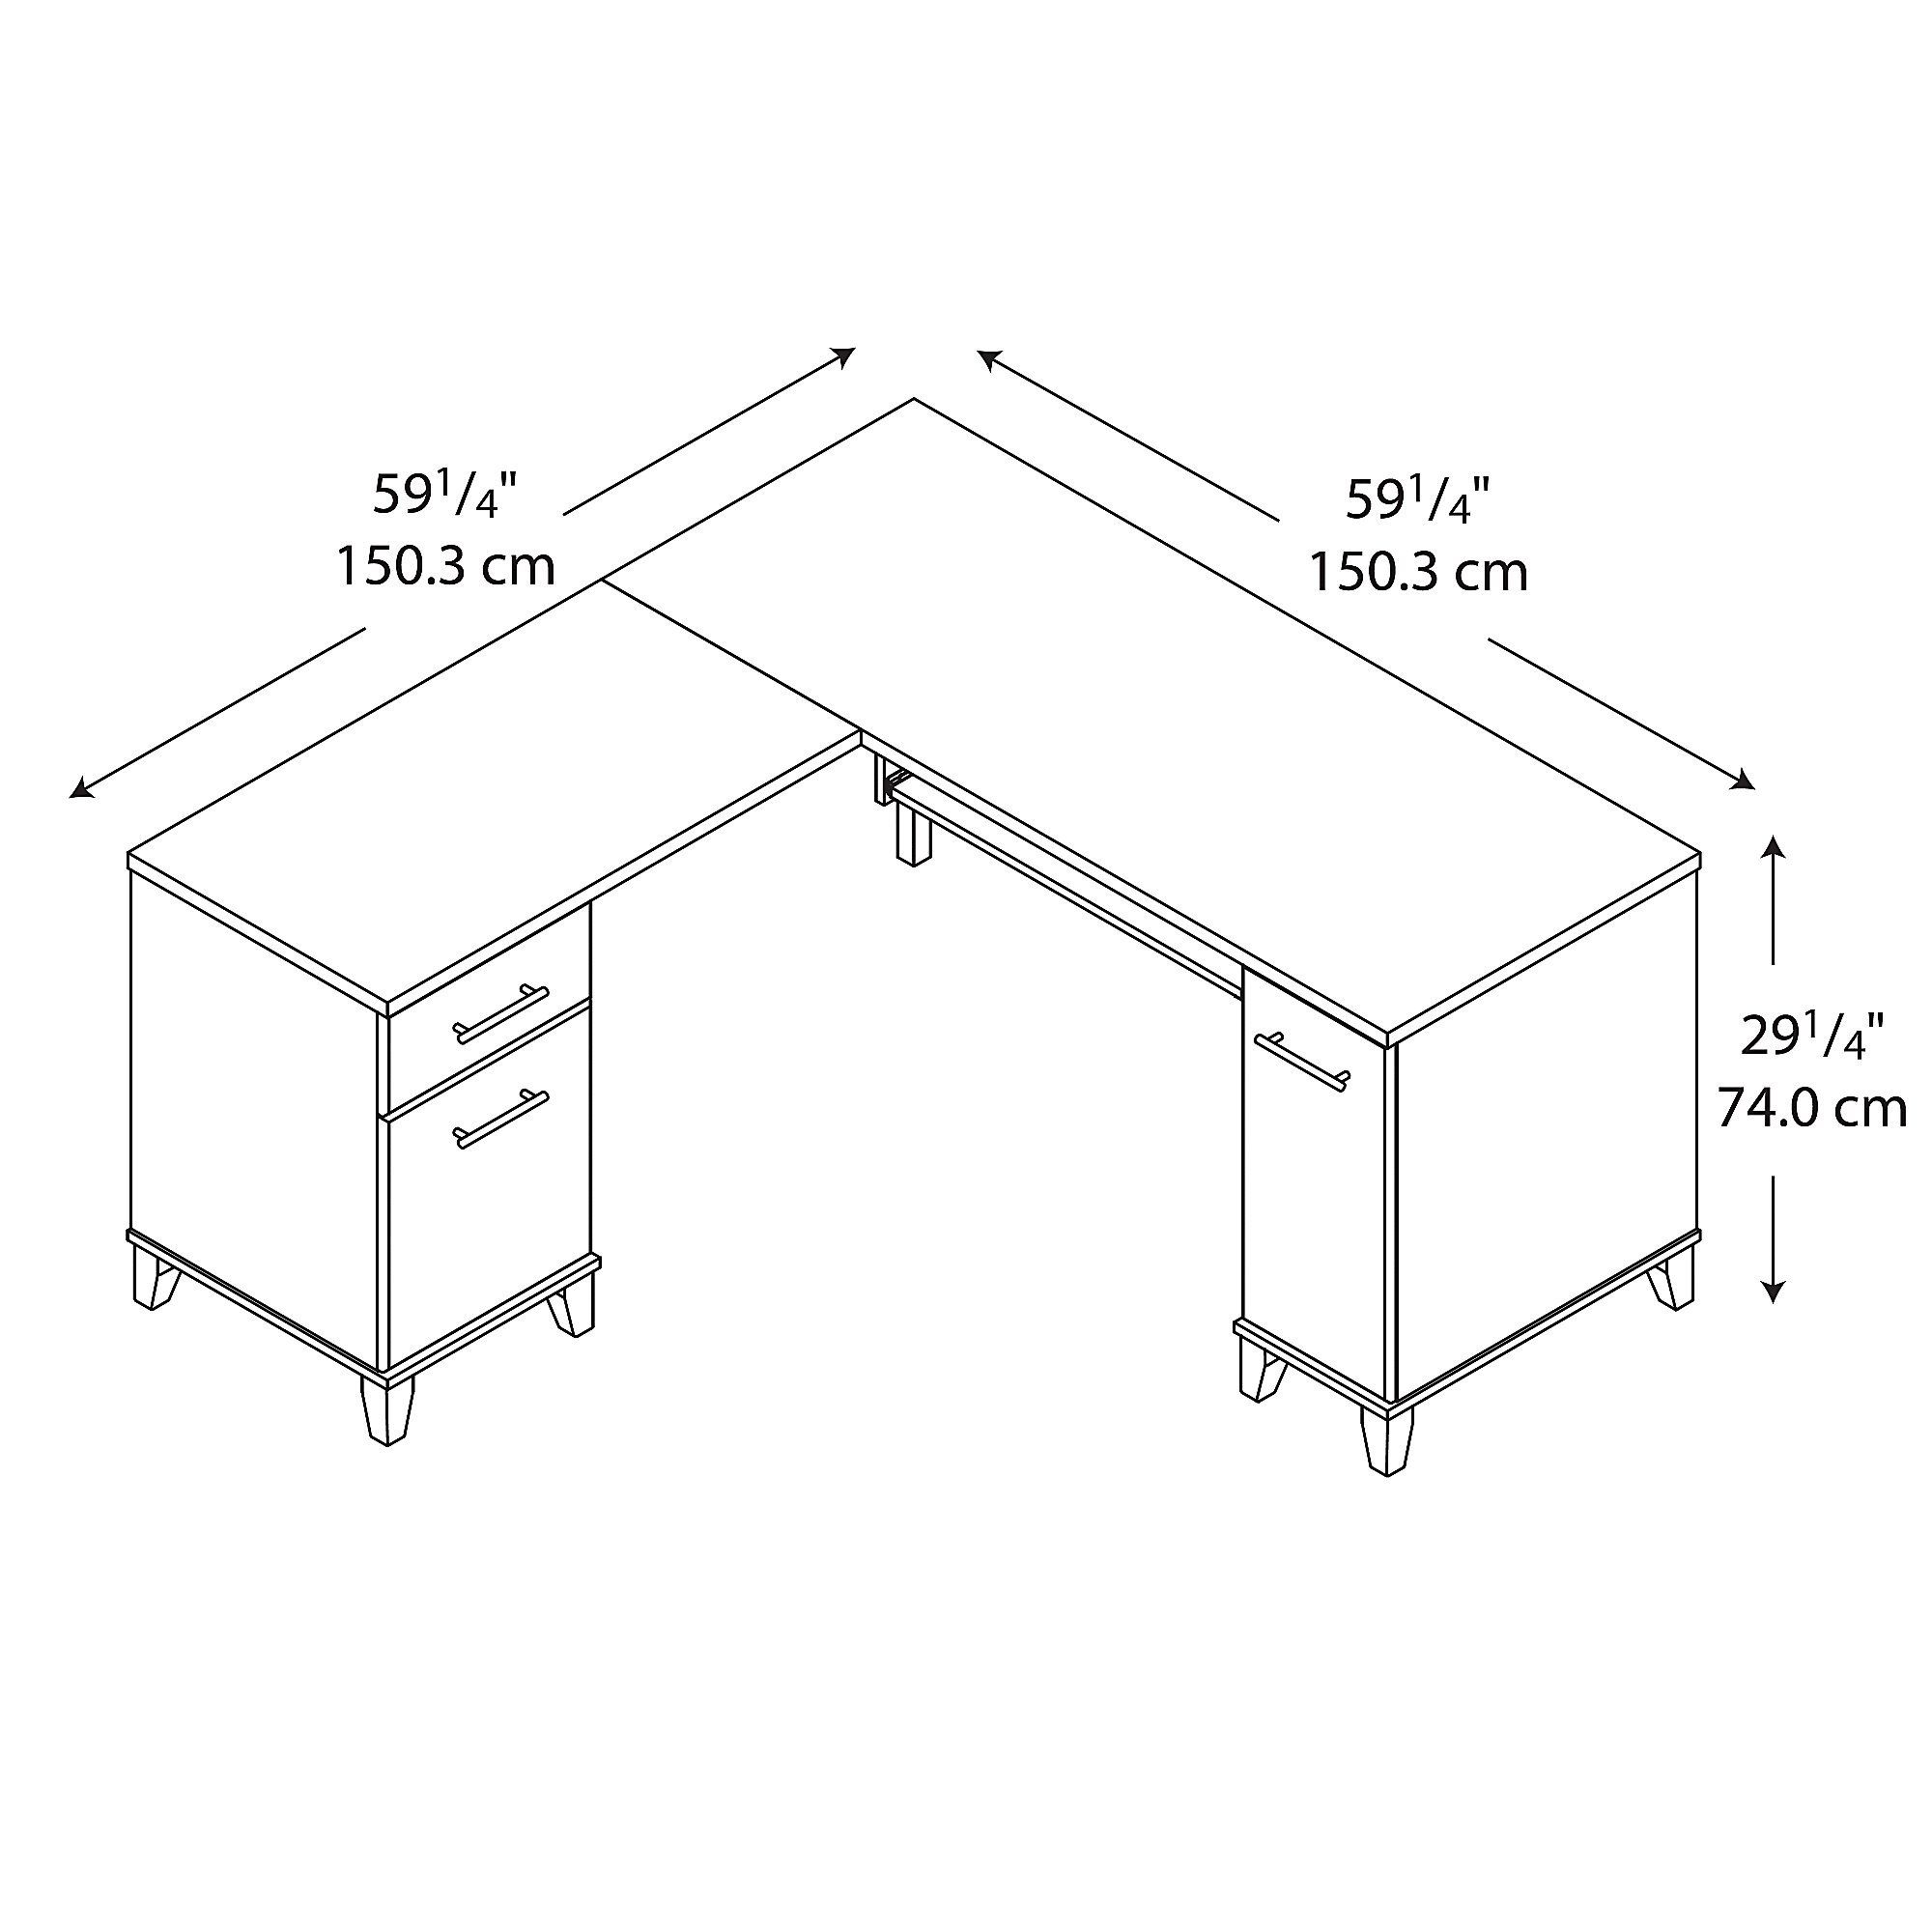 Bush Furniture Somerset 60w L Shaped Desk In Mocha Cherry Click On The Image For Additional Details It Is An Affil Diy Desk Plans L Shaped Desk Desk Plans